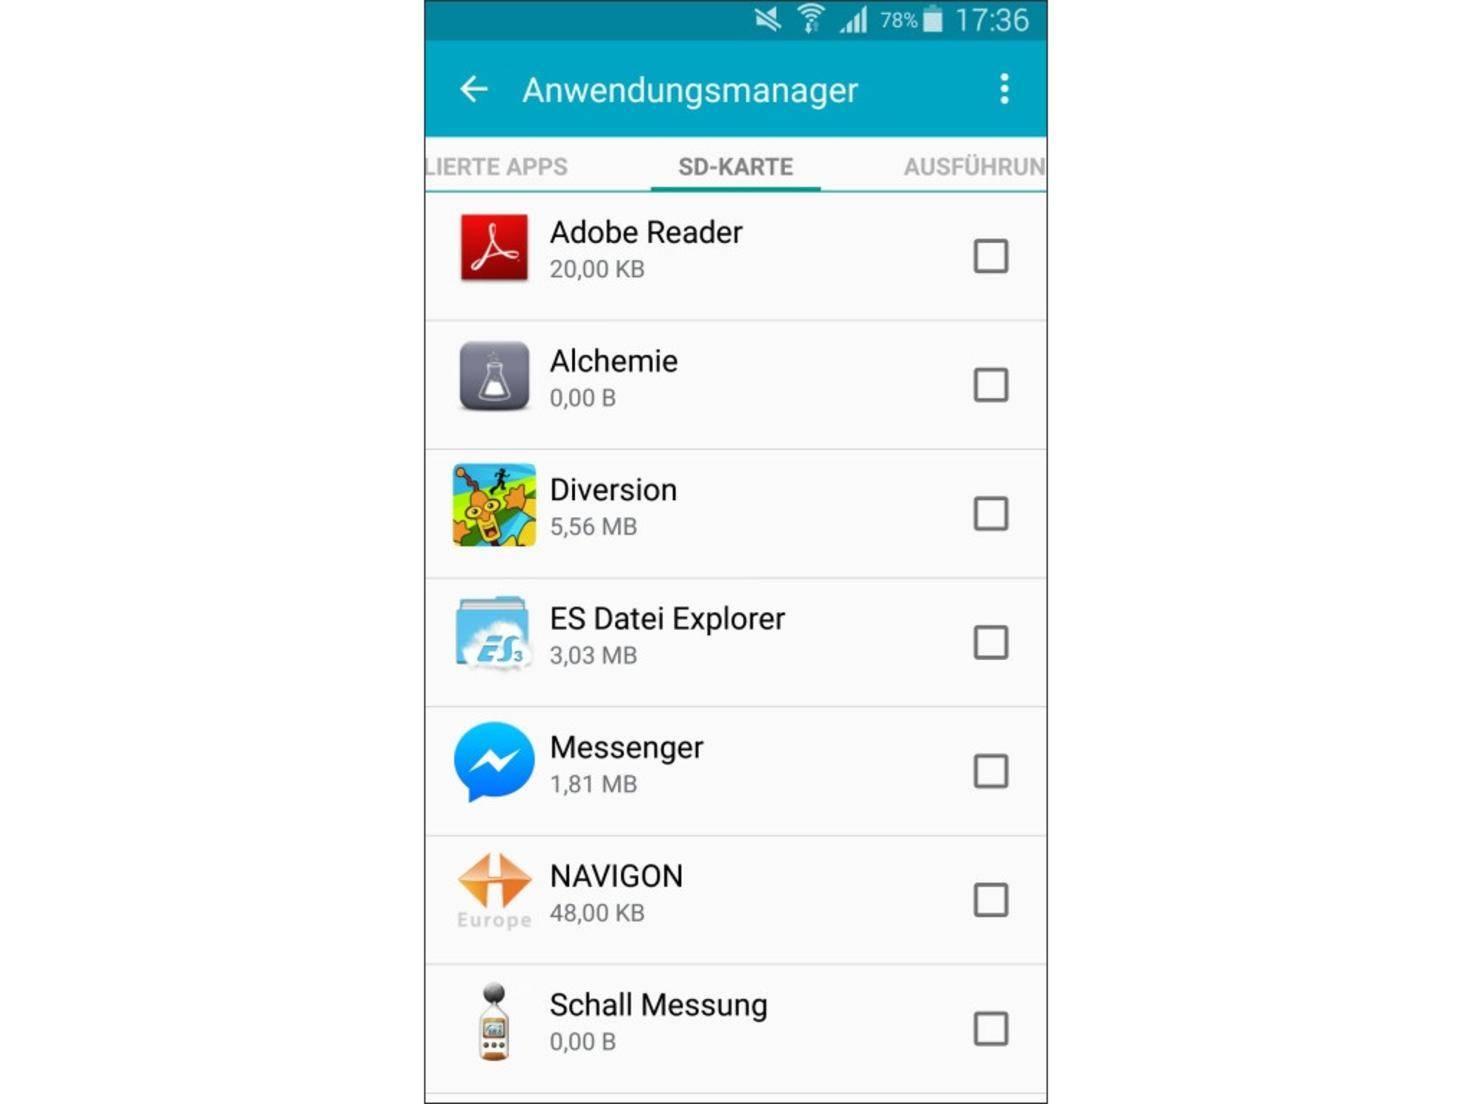 Android 5 1 Apps Auf Sd Karte Verschieben.Unter Android Daten Auf Die Sd Karte Verschieben So Geht S